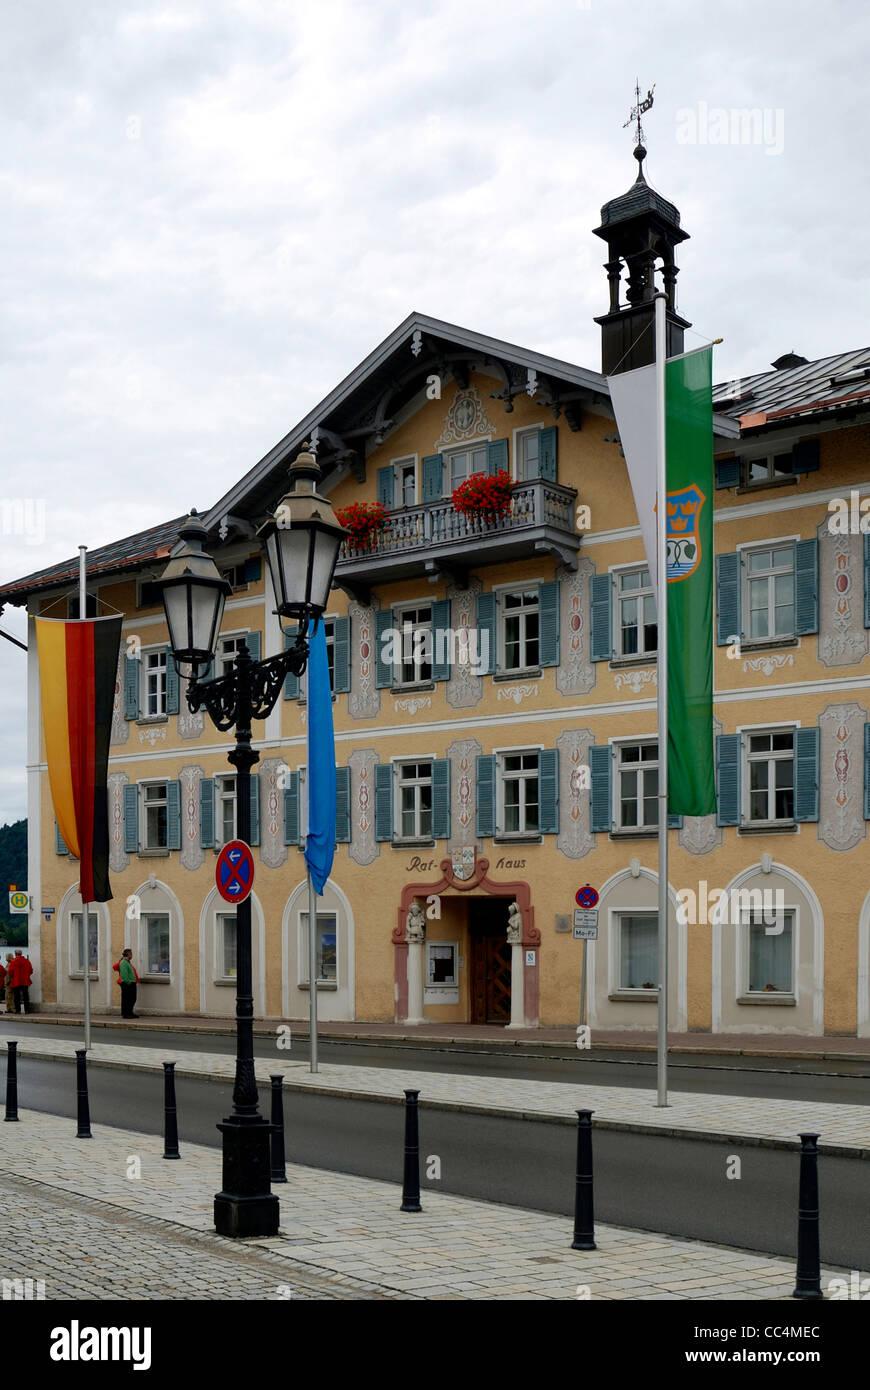 Rathaus von der bayerischen Stadt Tegernsee. Stockfoto